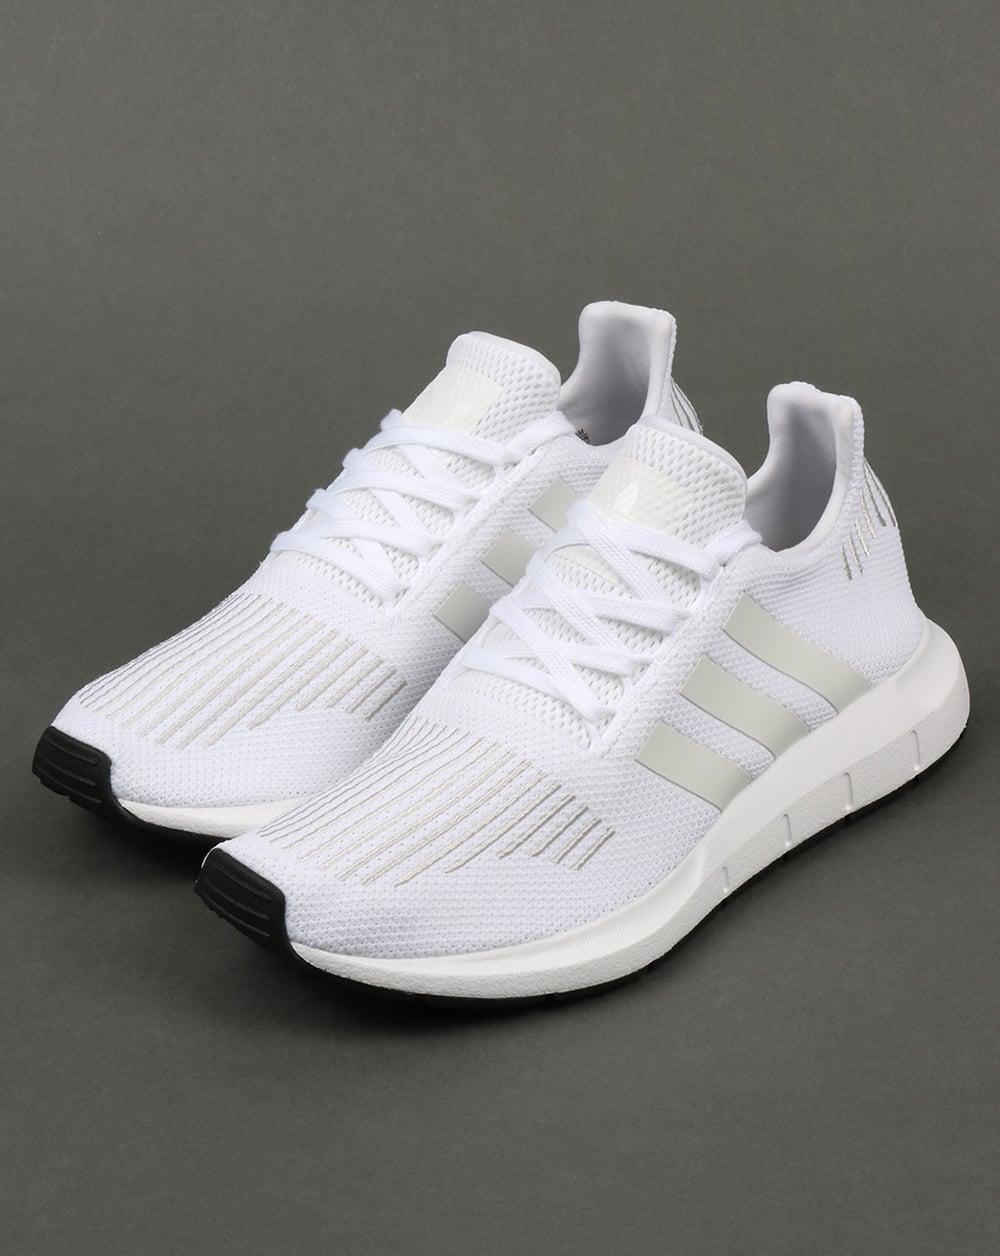 633c381c557 Adidas Swift Run Trainers White